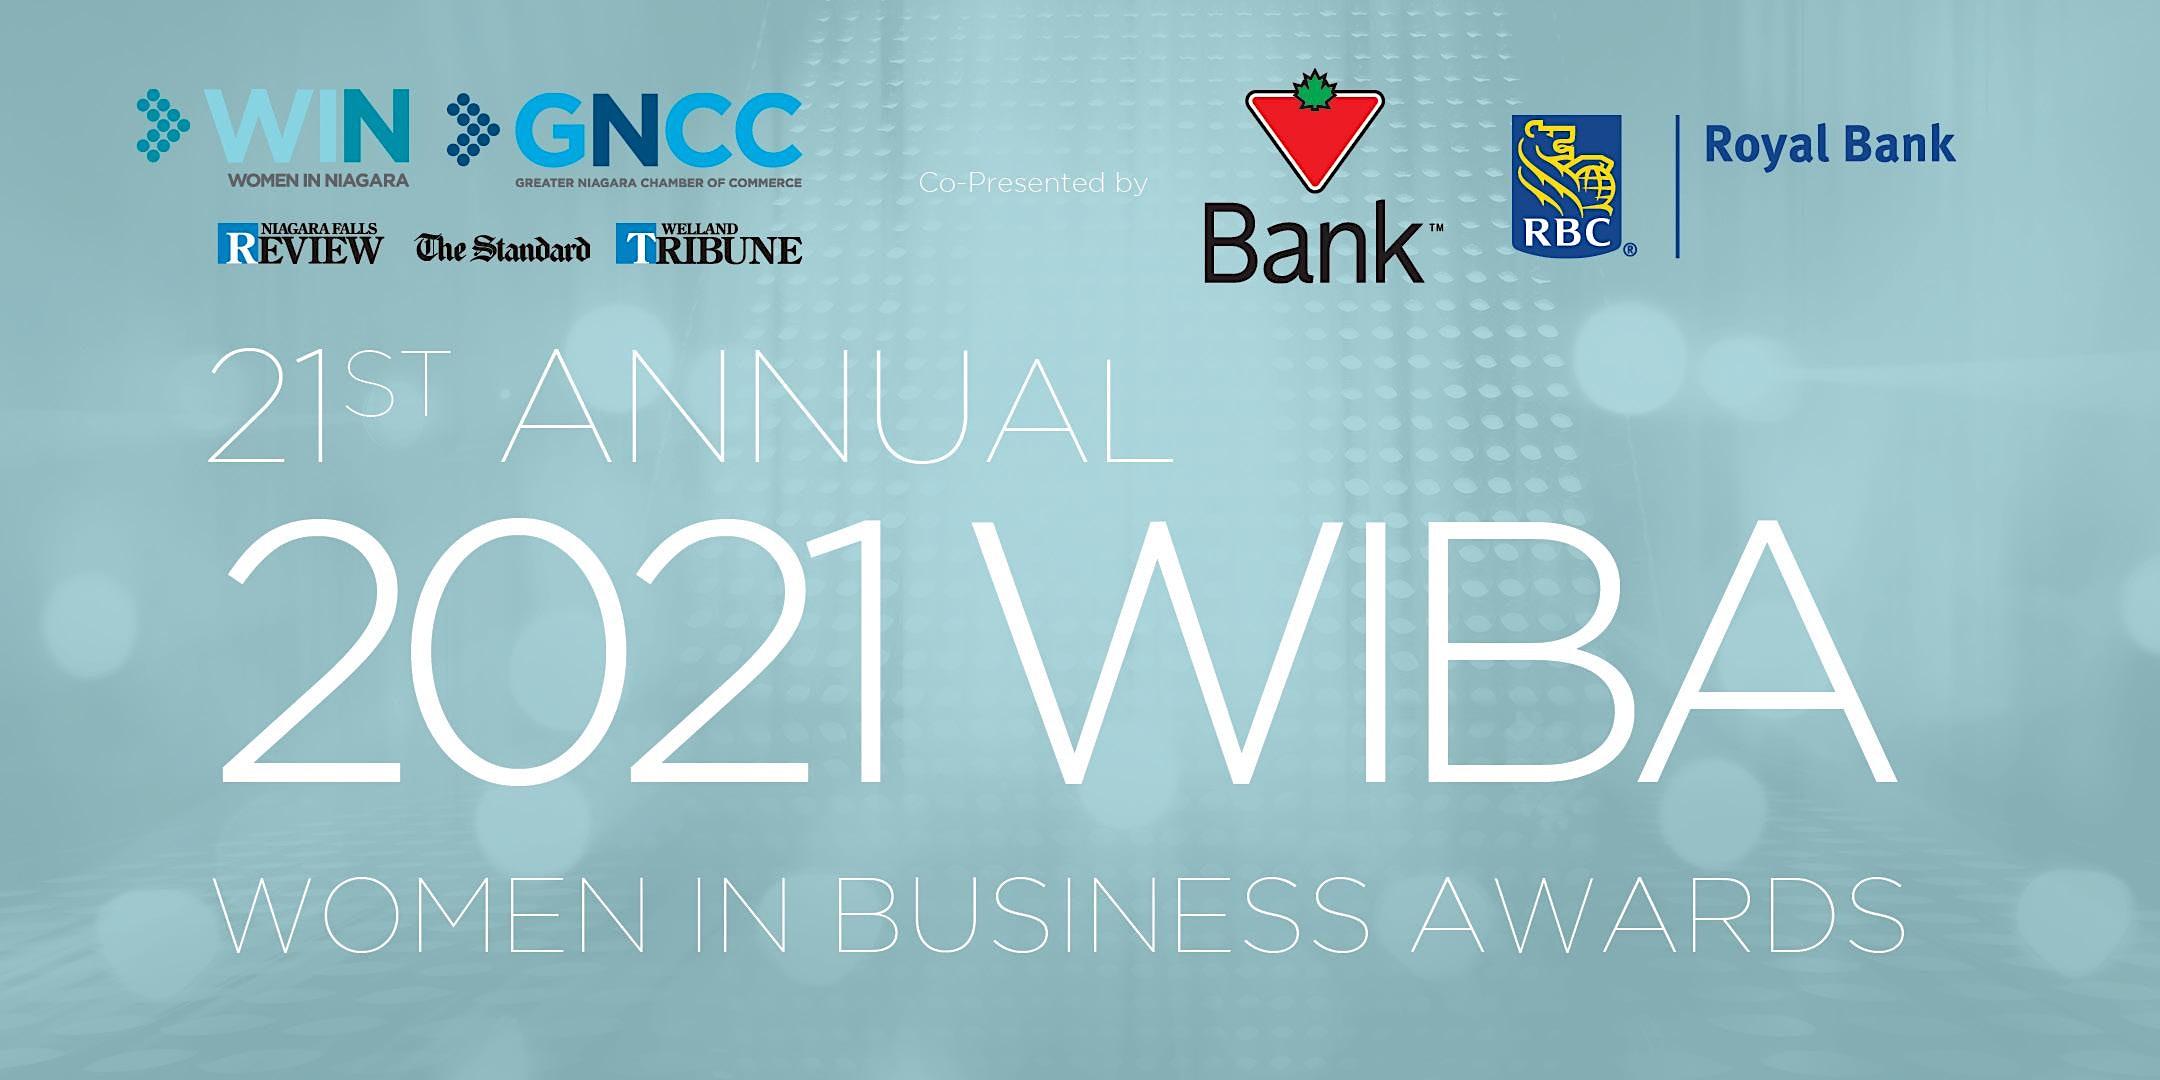 2021 Women in Business Awards (WIBA)